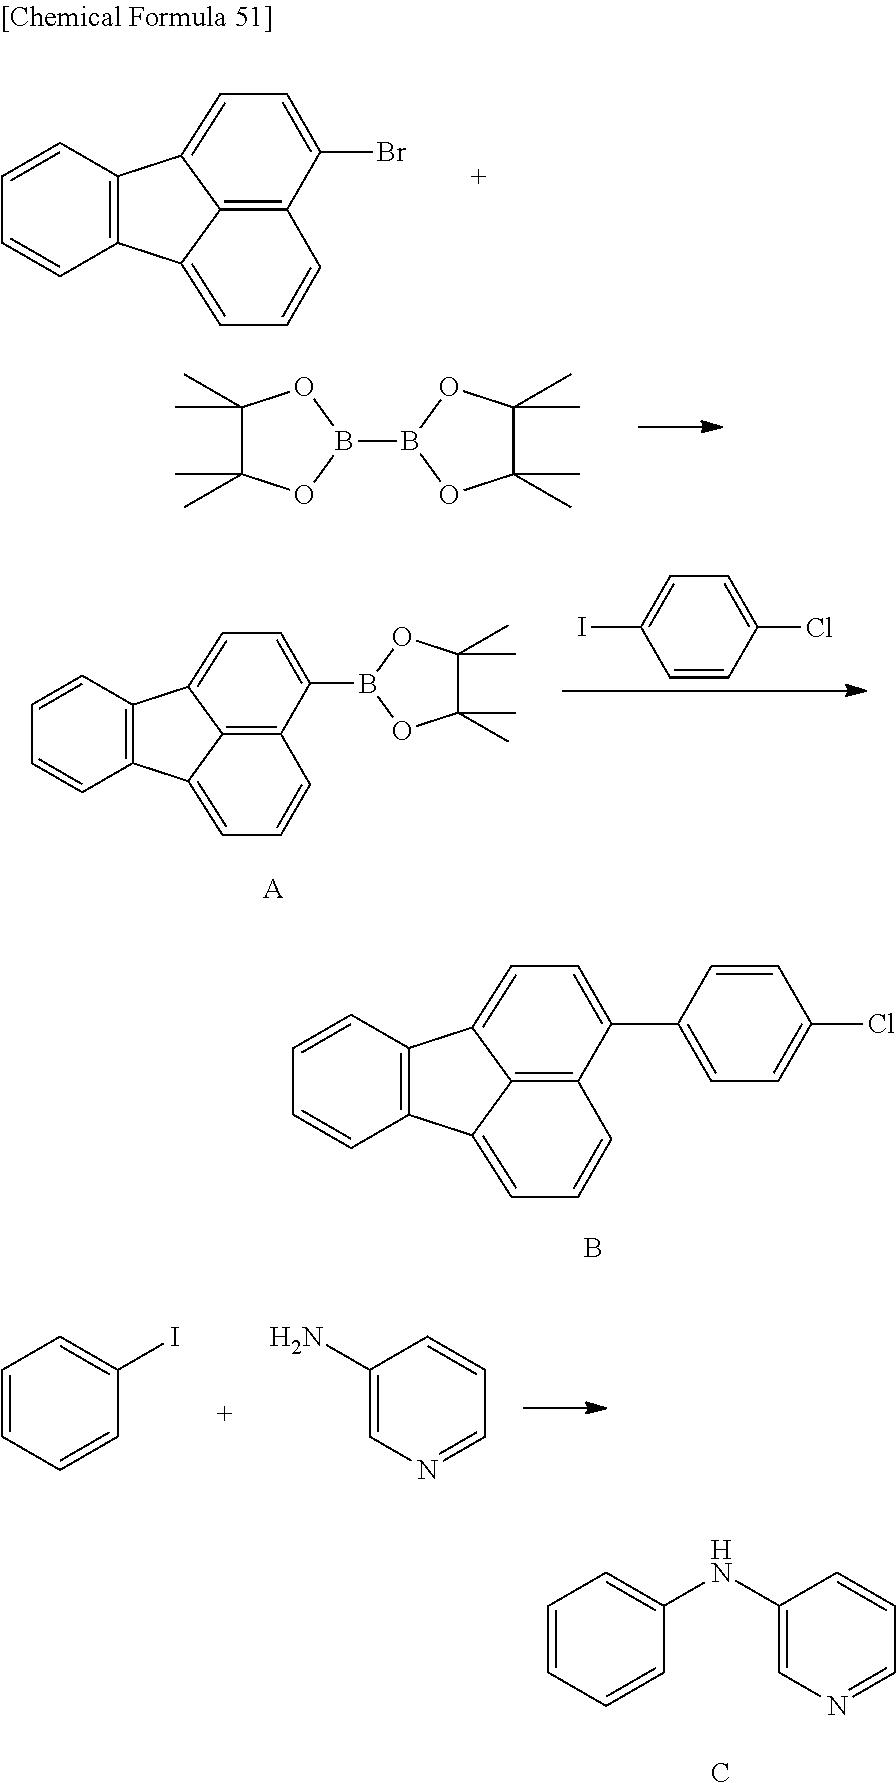 Figure US20150280139A1-20151001-C00131